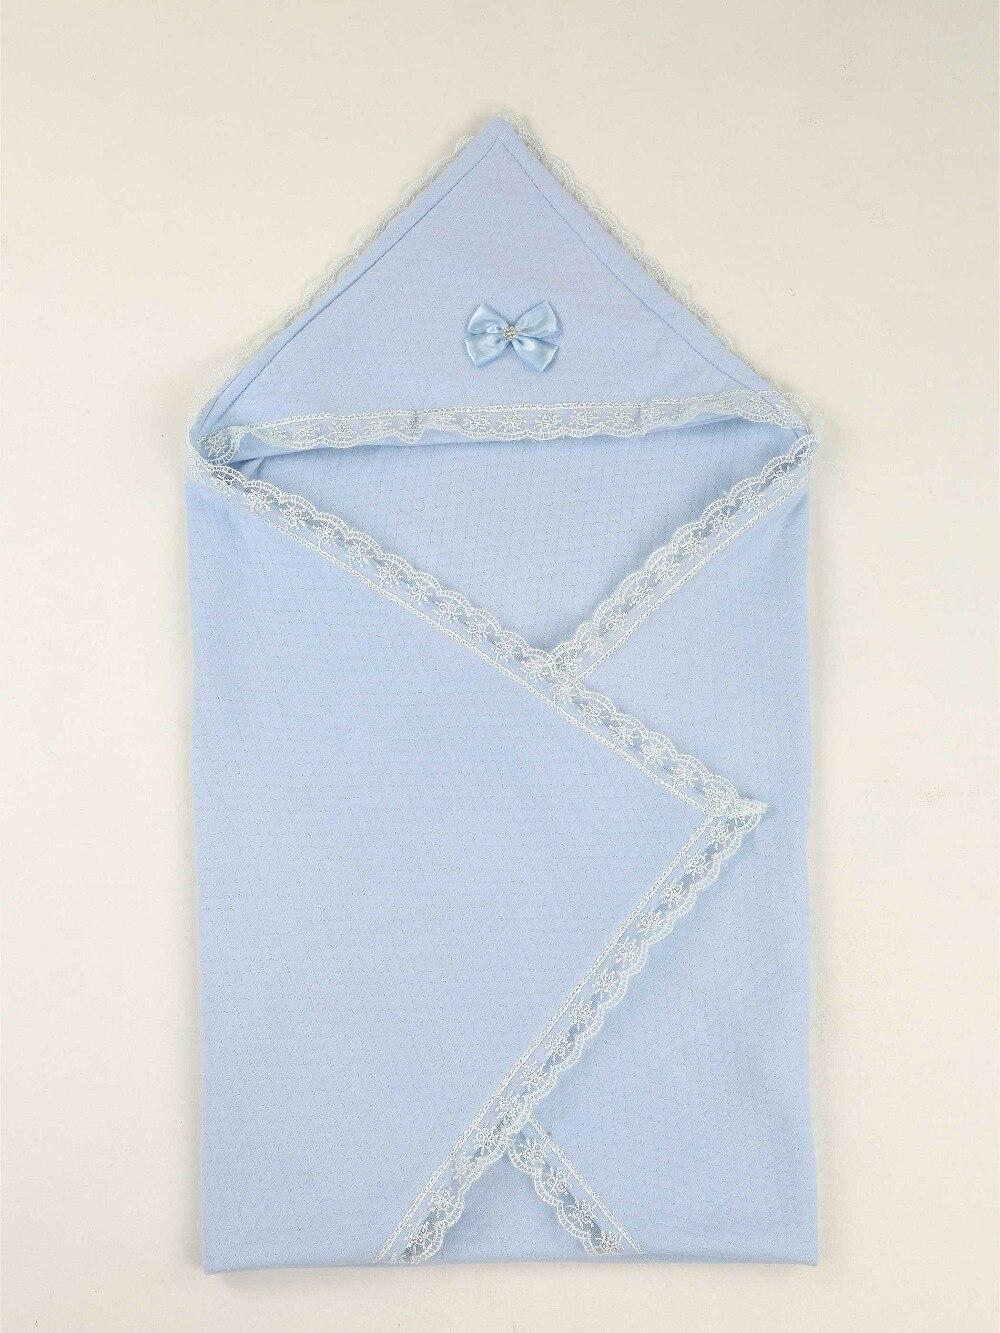 078-10051-015 Mavi 85X85 cm Erkek Bebek Kundak Battaniye (1)